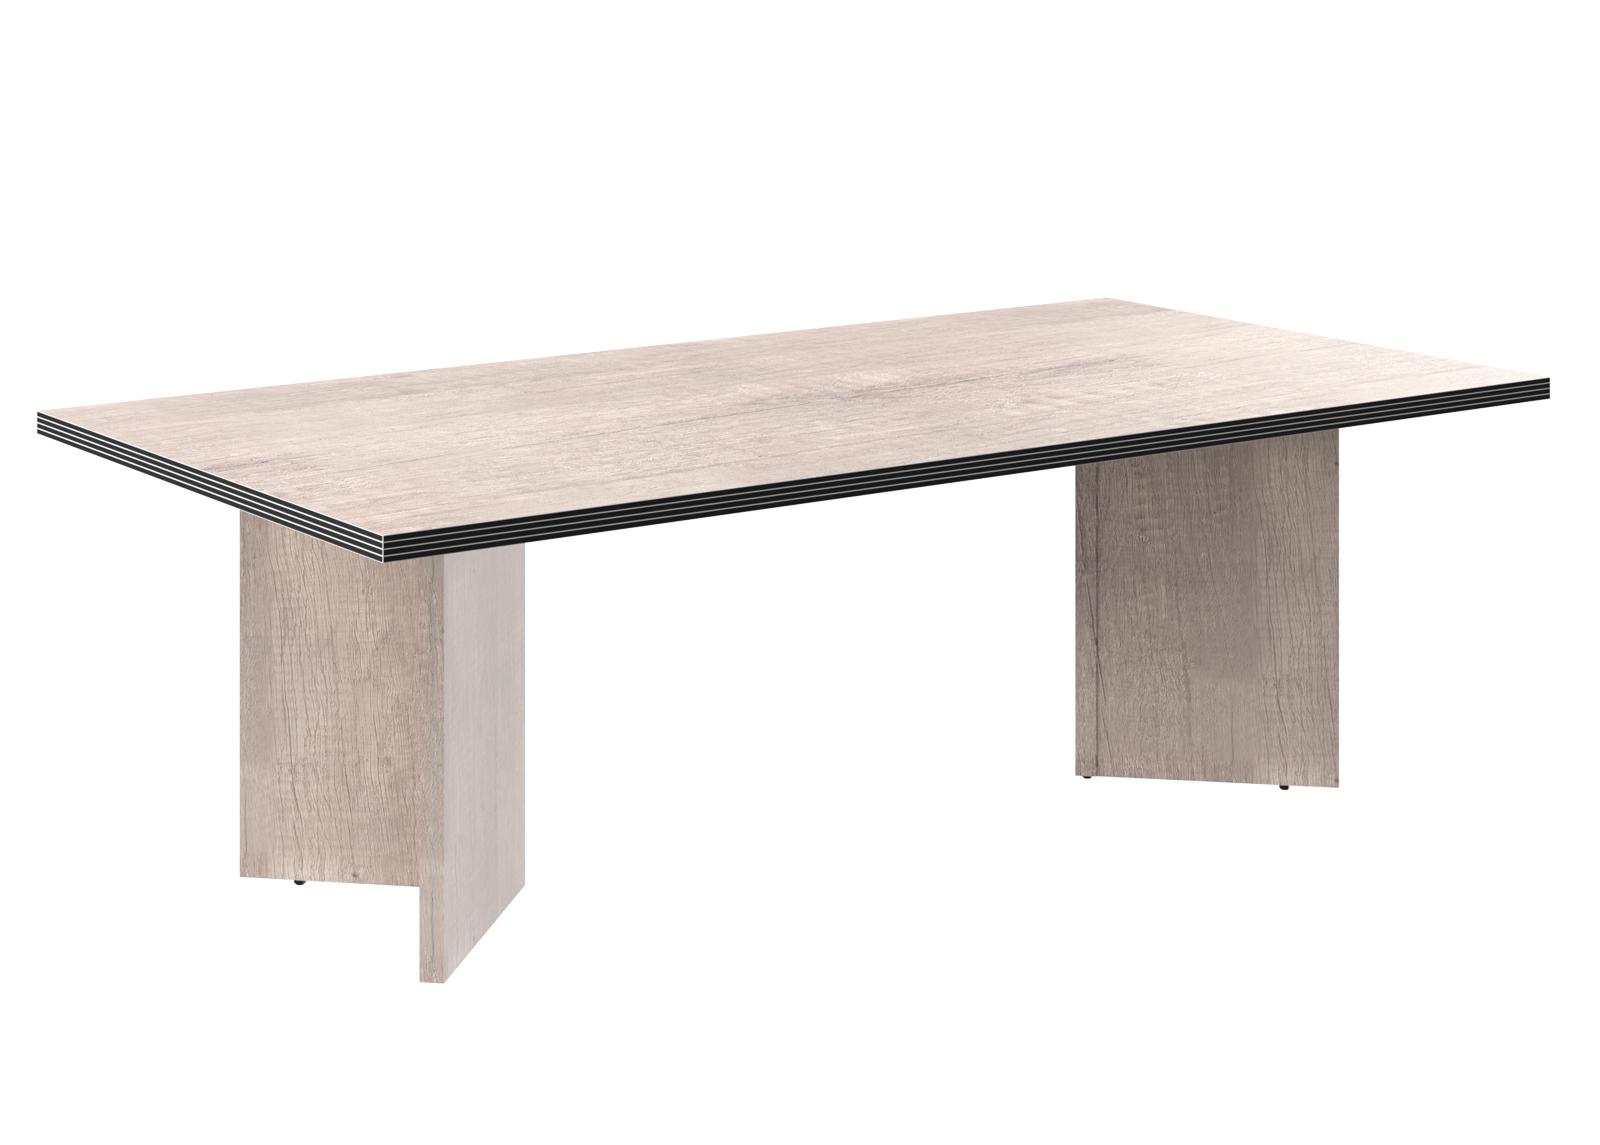 Kokouspöytä Torr 230x120 cm